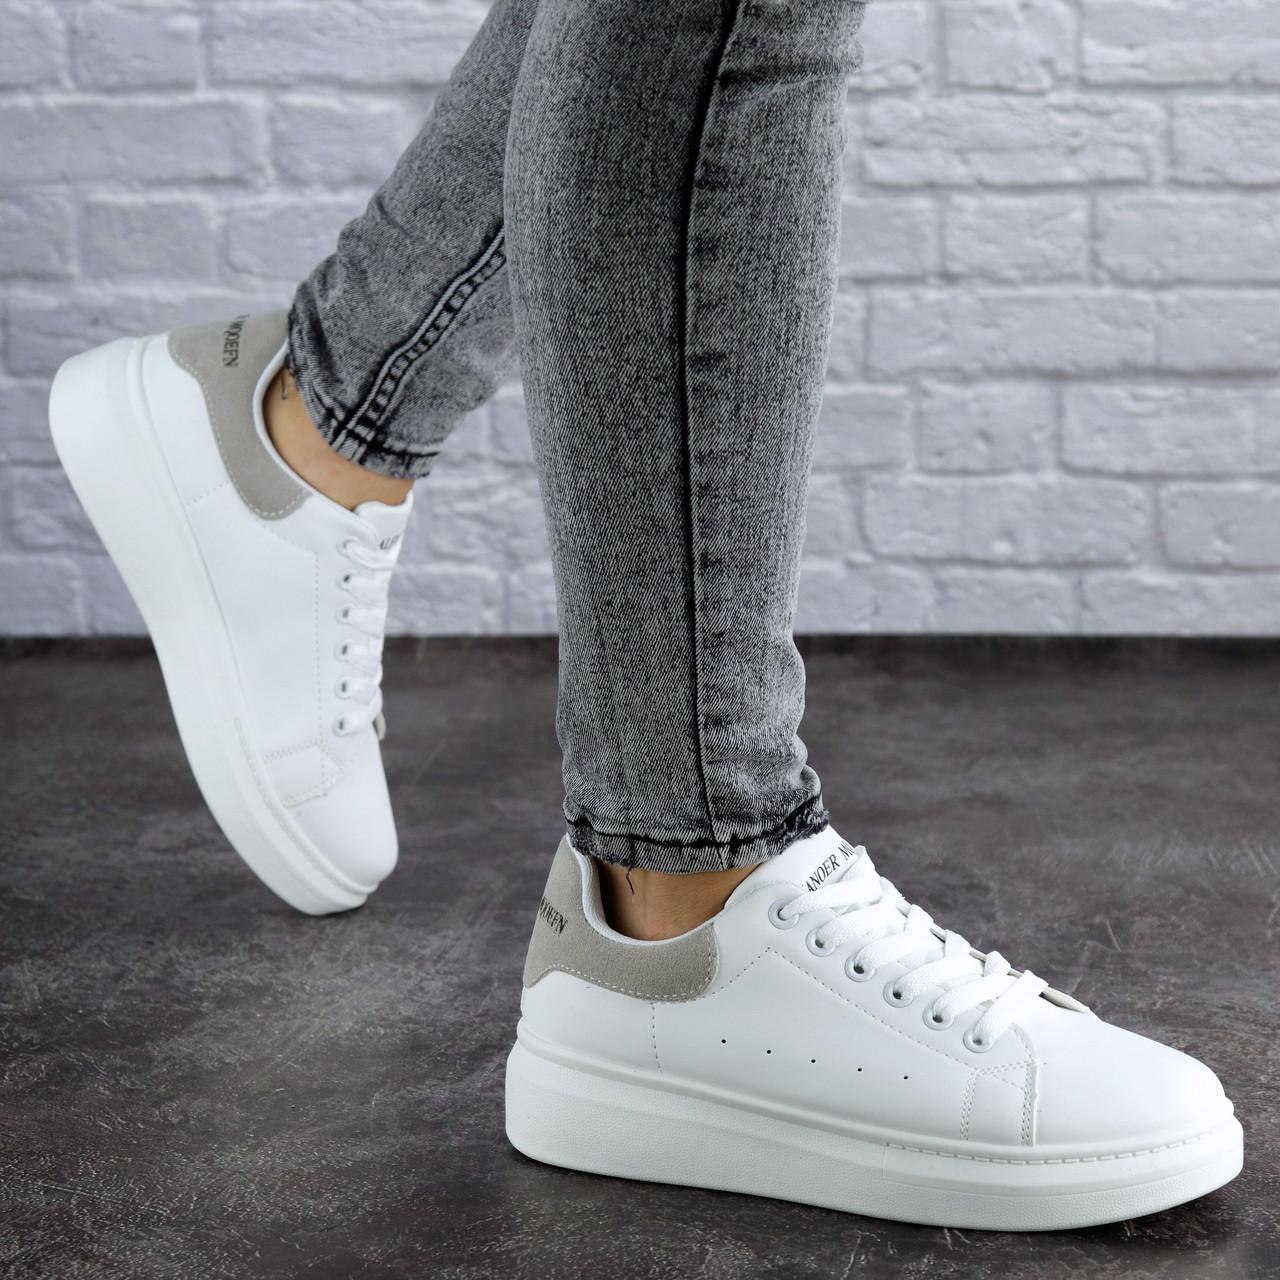 Купить Женские кроссовки белые Andy 1965 (37 размер), Fashion